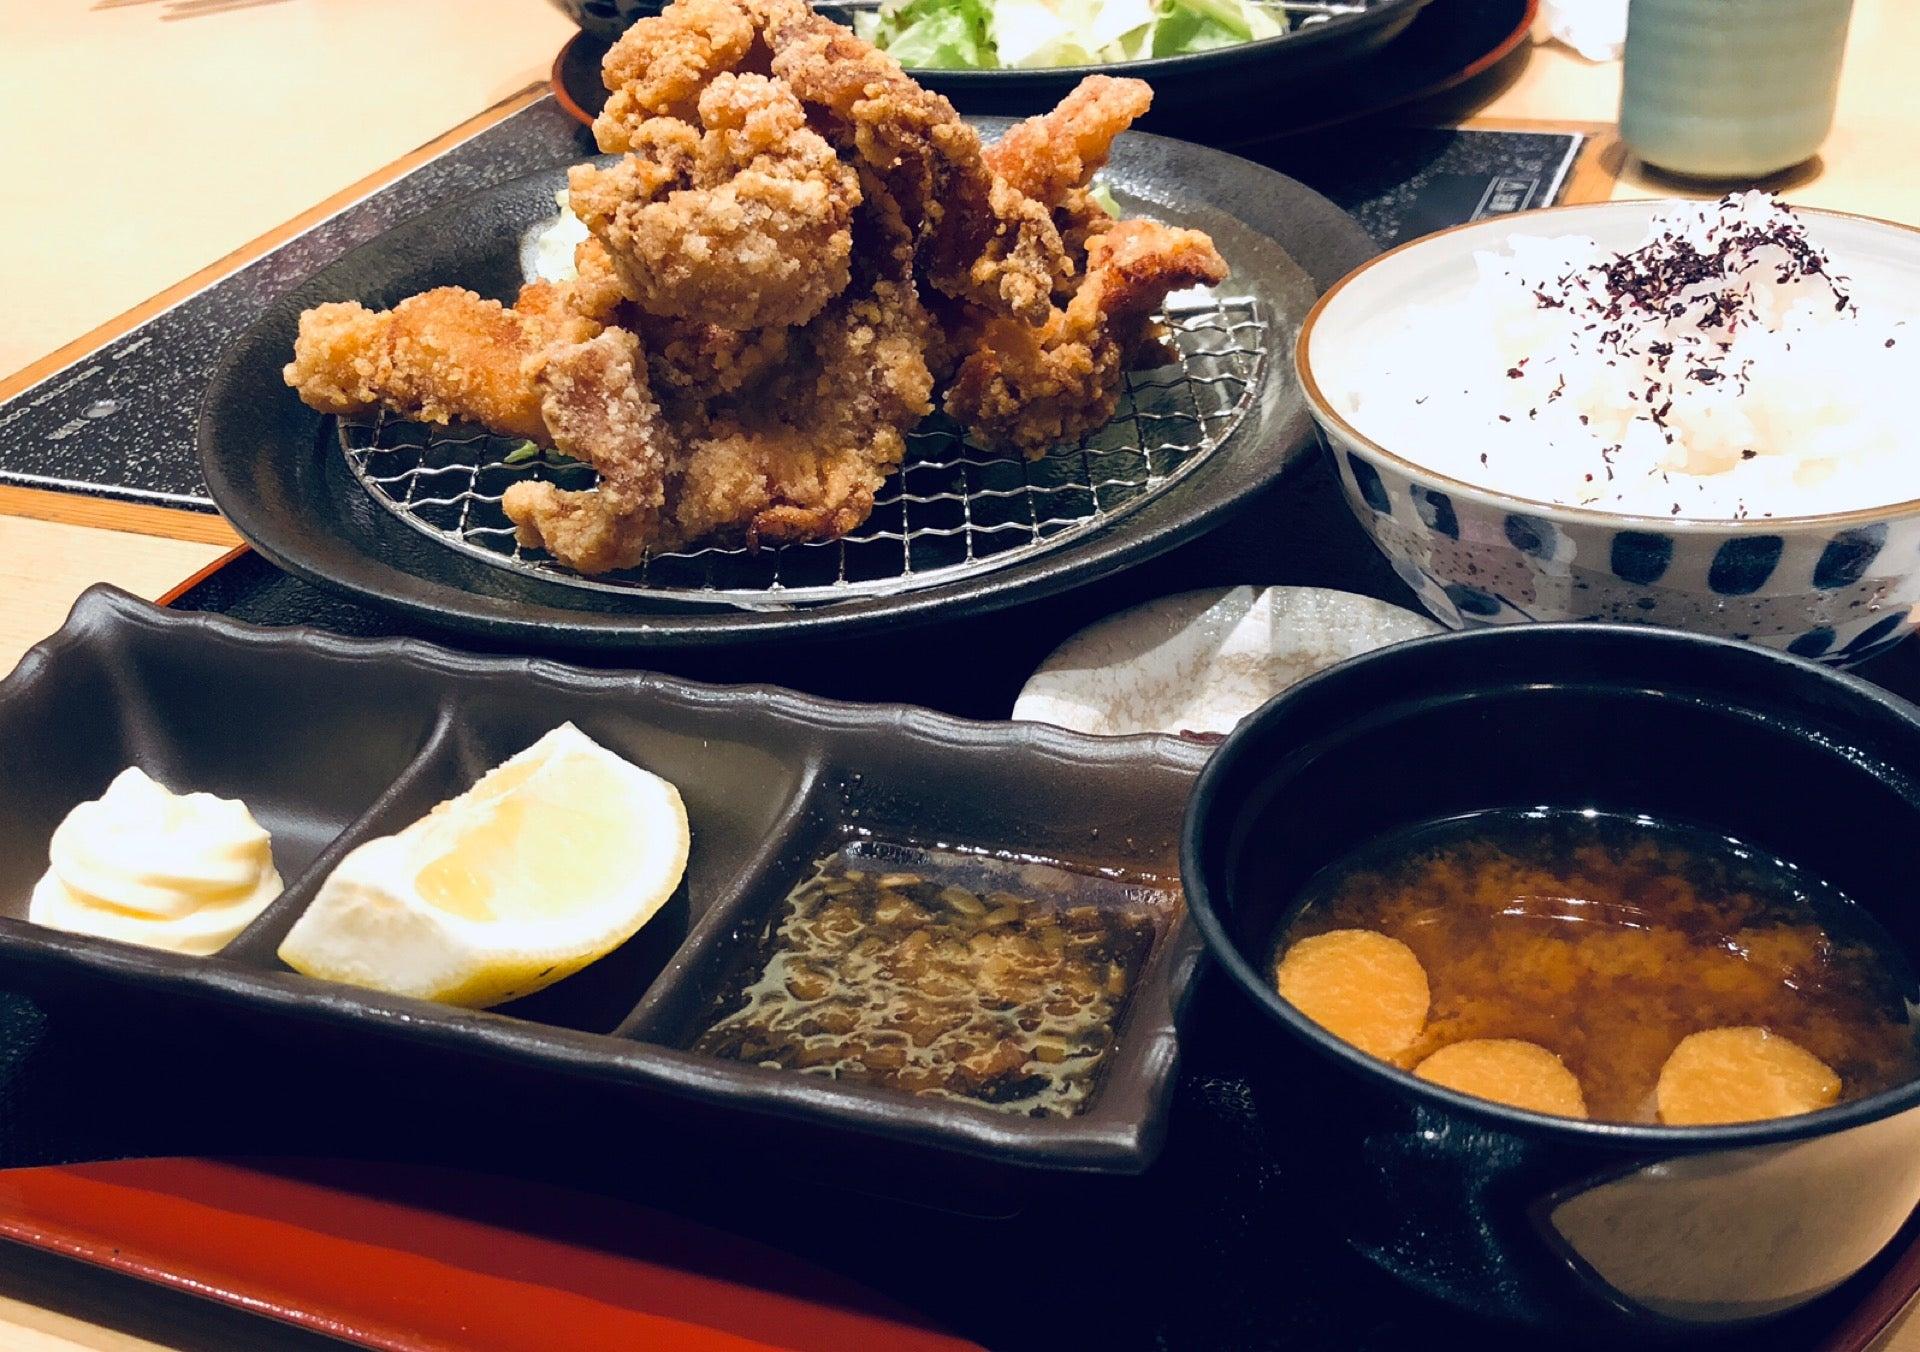 名古屋コーチンの唐揚げ定食。ちょっと油分が多いけど美味しい。 (@ とり五鐡 in 名古屋市, 愛知県) https://t.co/im2hEBfhcM https://t.co/w9i8fcA4tt